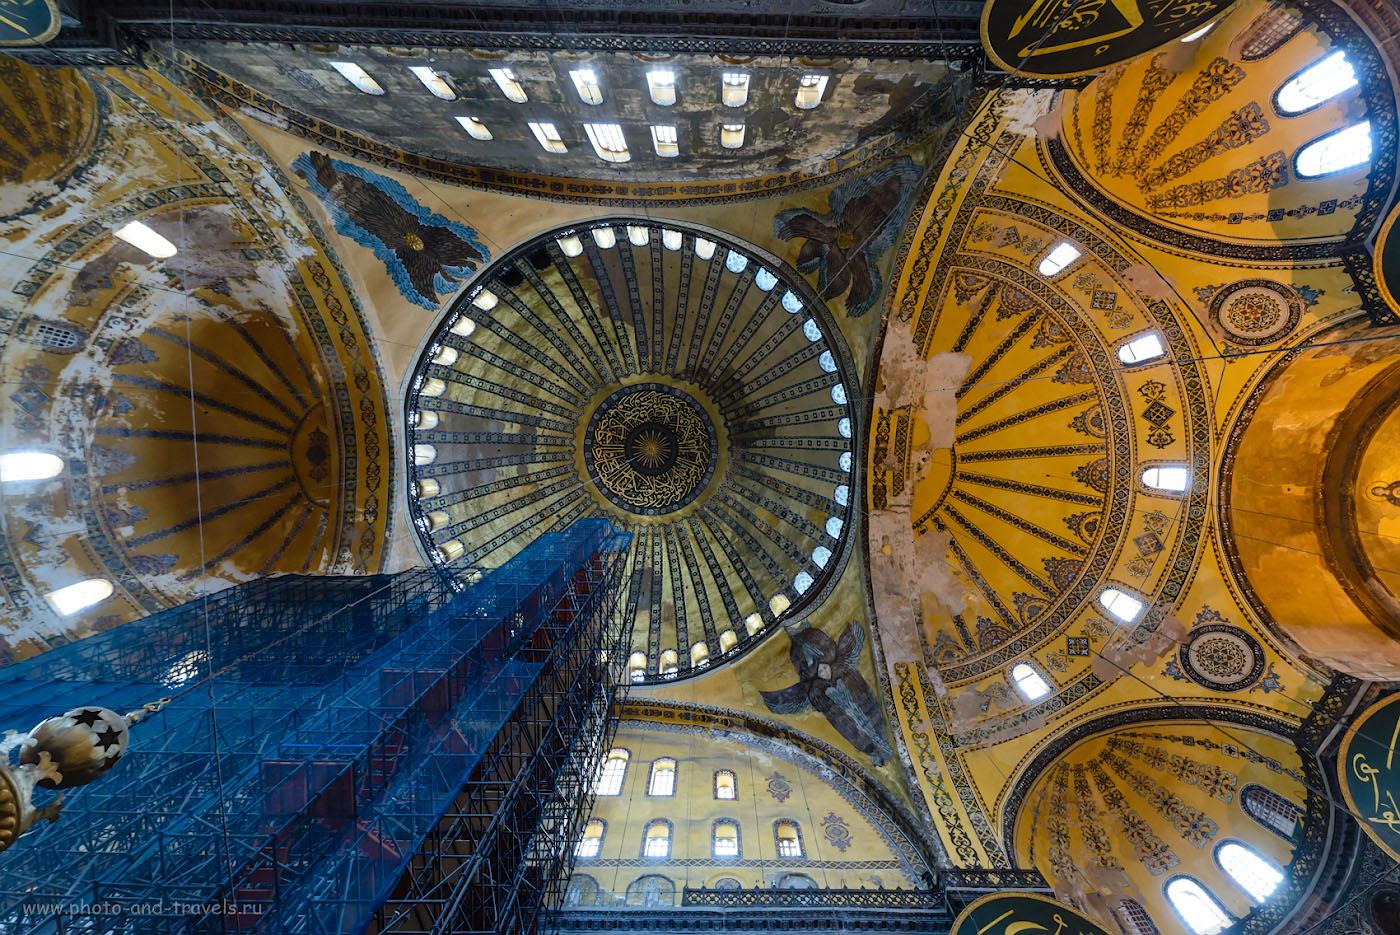 Фотография 21. Купол собора Айя-София в Стамбуле. Отчет о поездке в Турцию самостоятельно. 1/25, 5.6, 2500, 14.